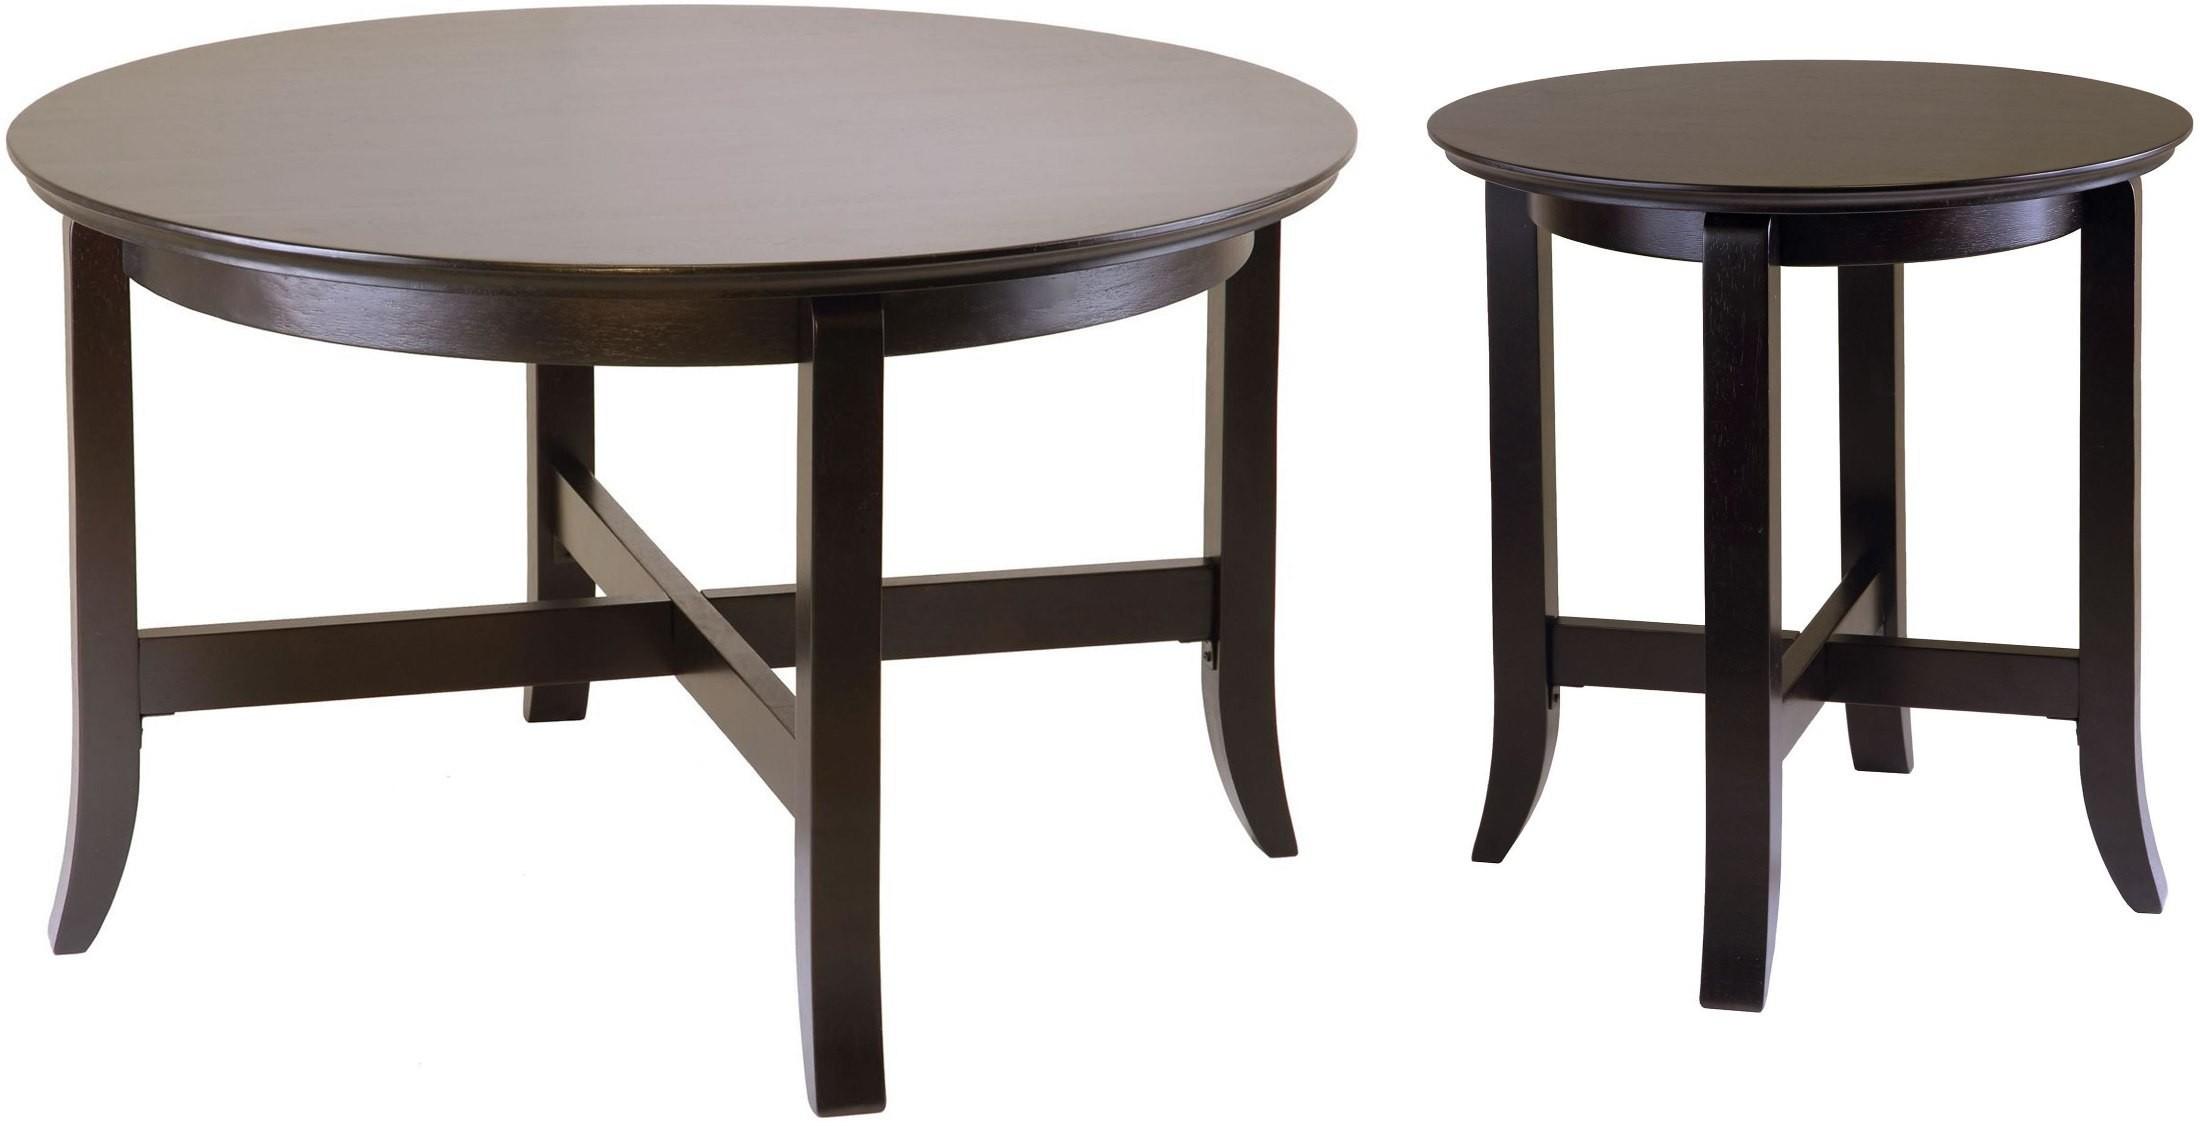 Toby Dark Espresso Coffee Table 92030 Winsome